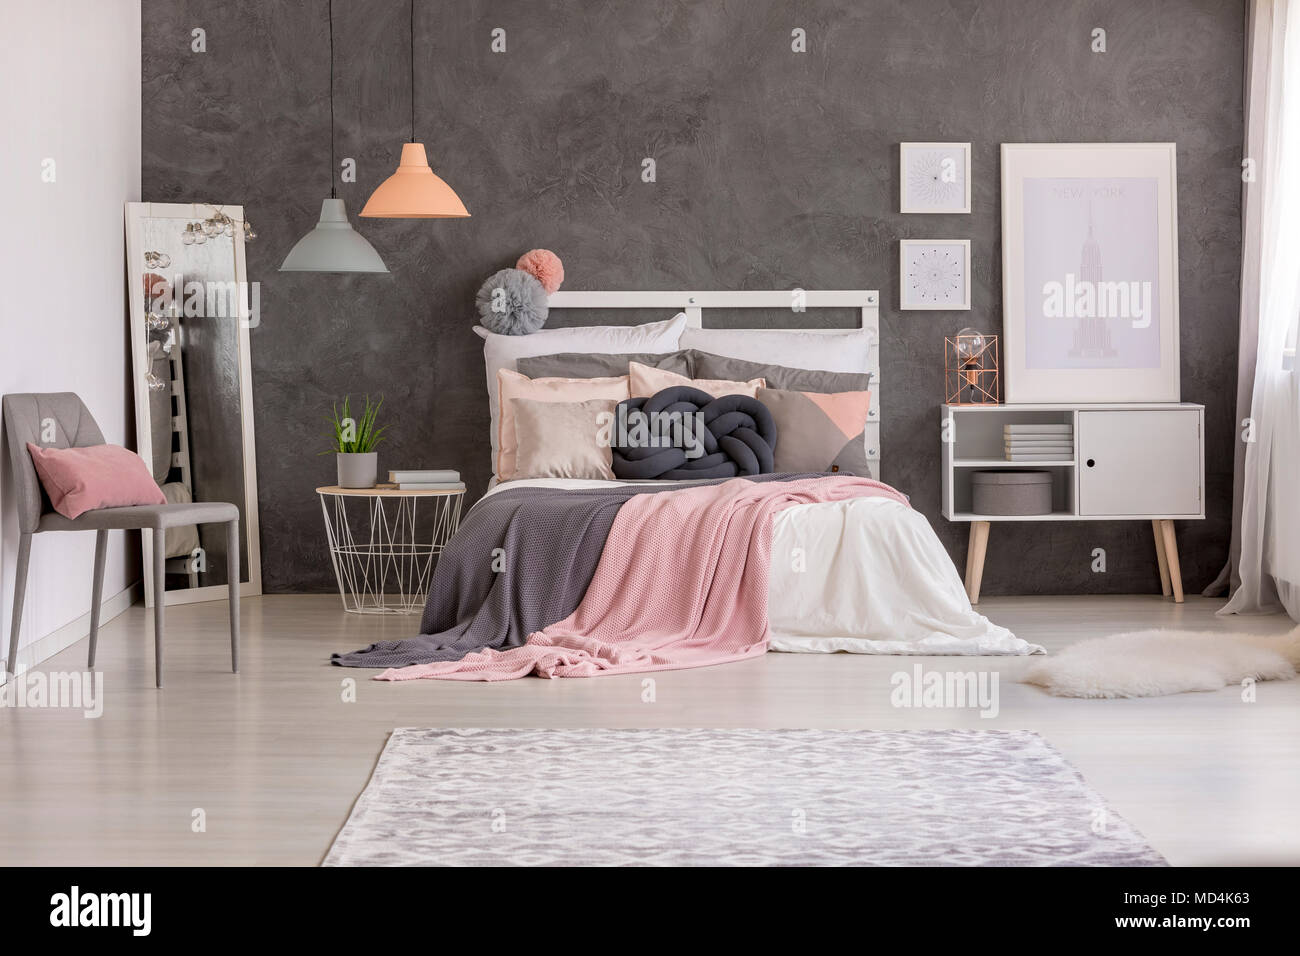 Weiß Schlafzimmer Innenraum mit Grau texturierte Wand, gemusterten ...